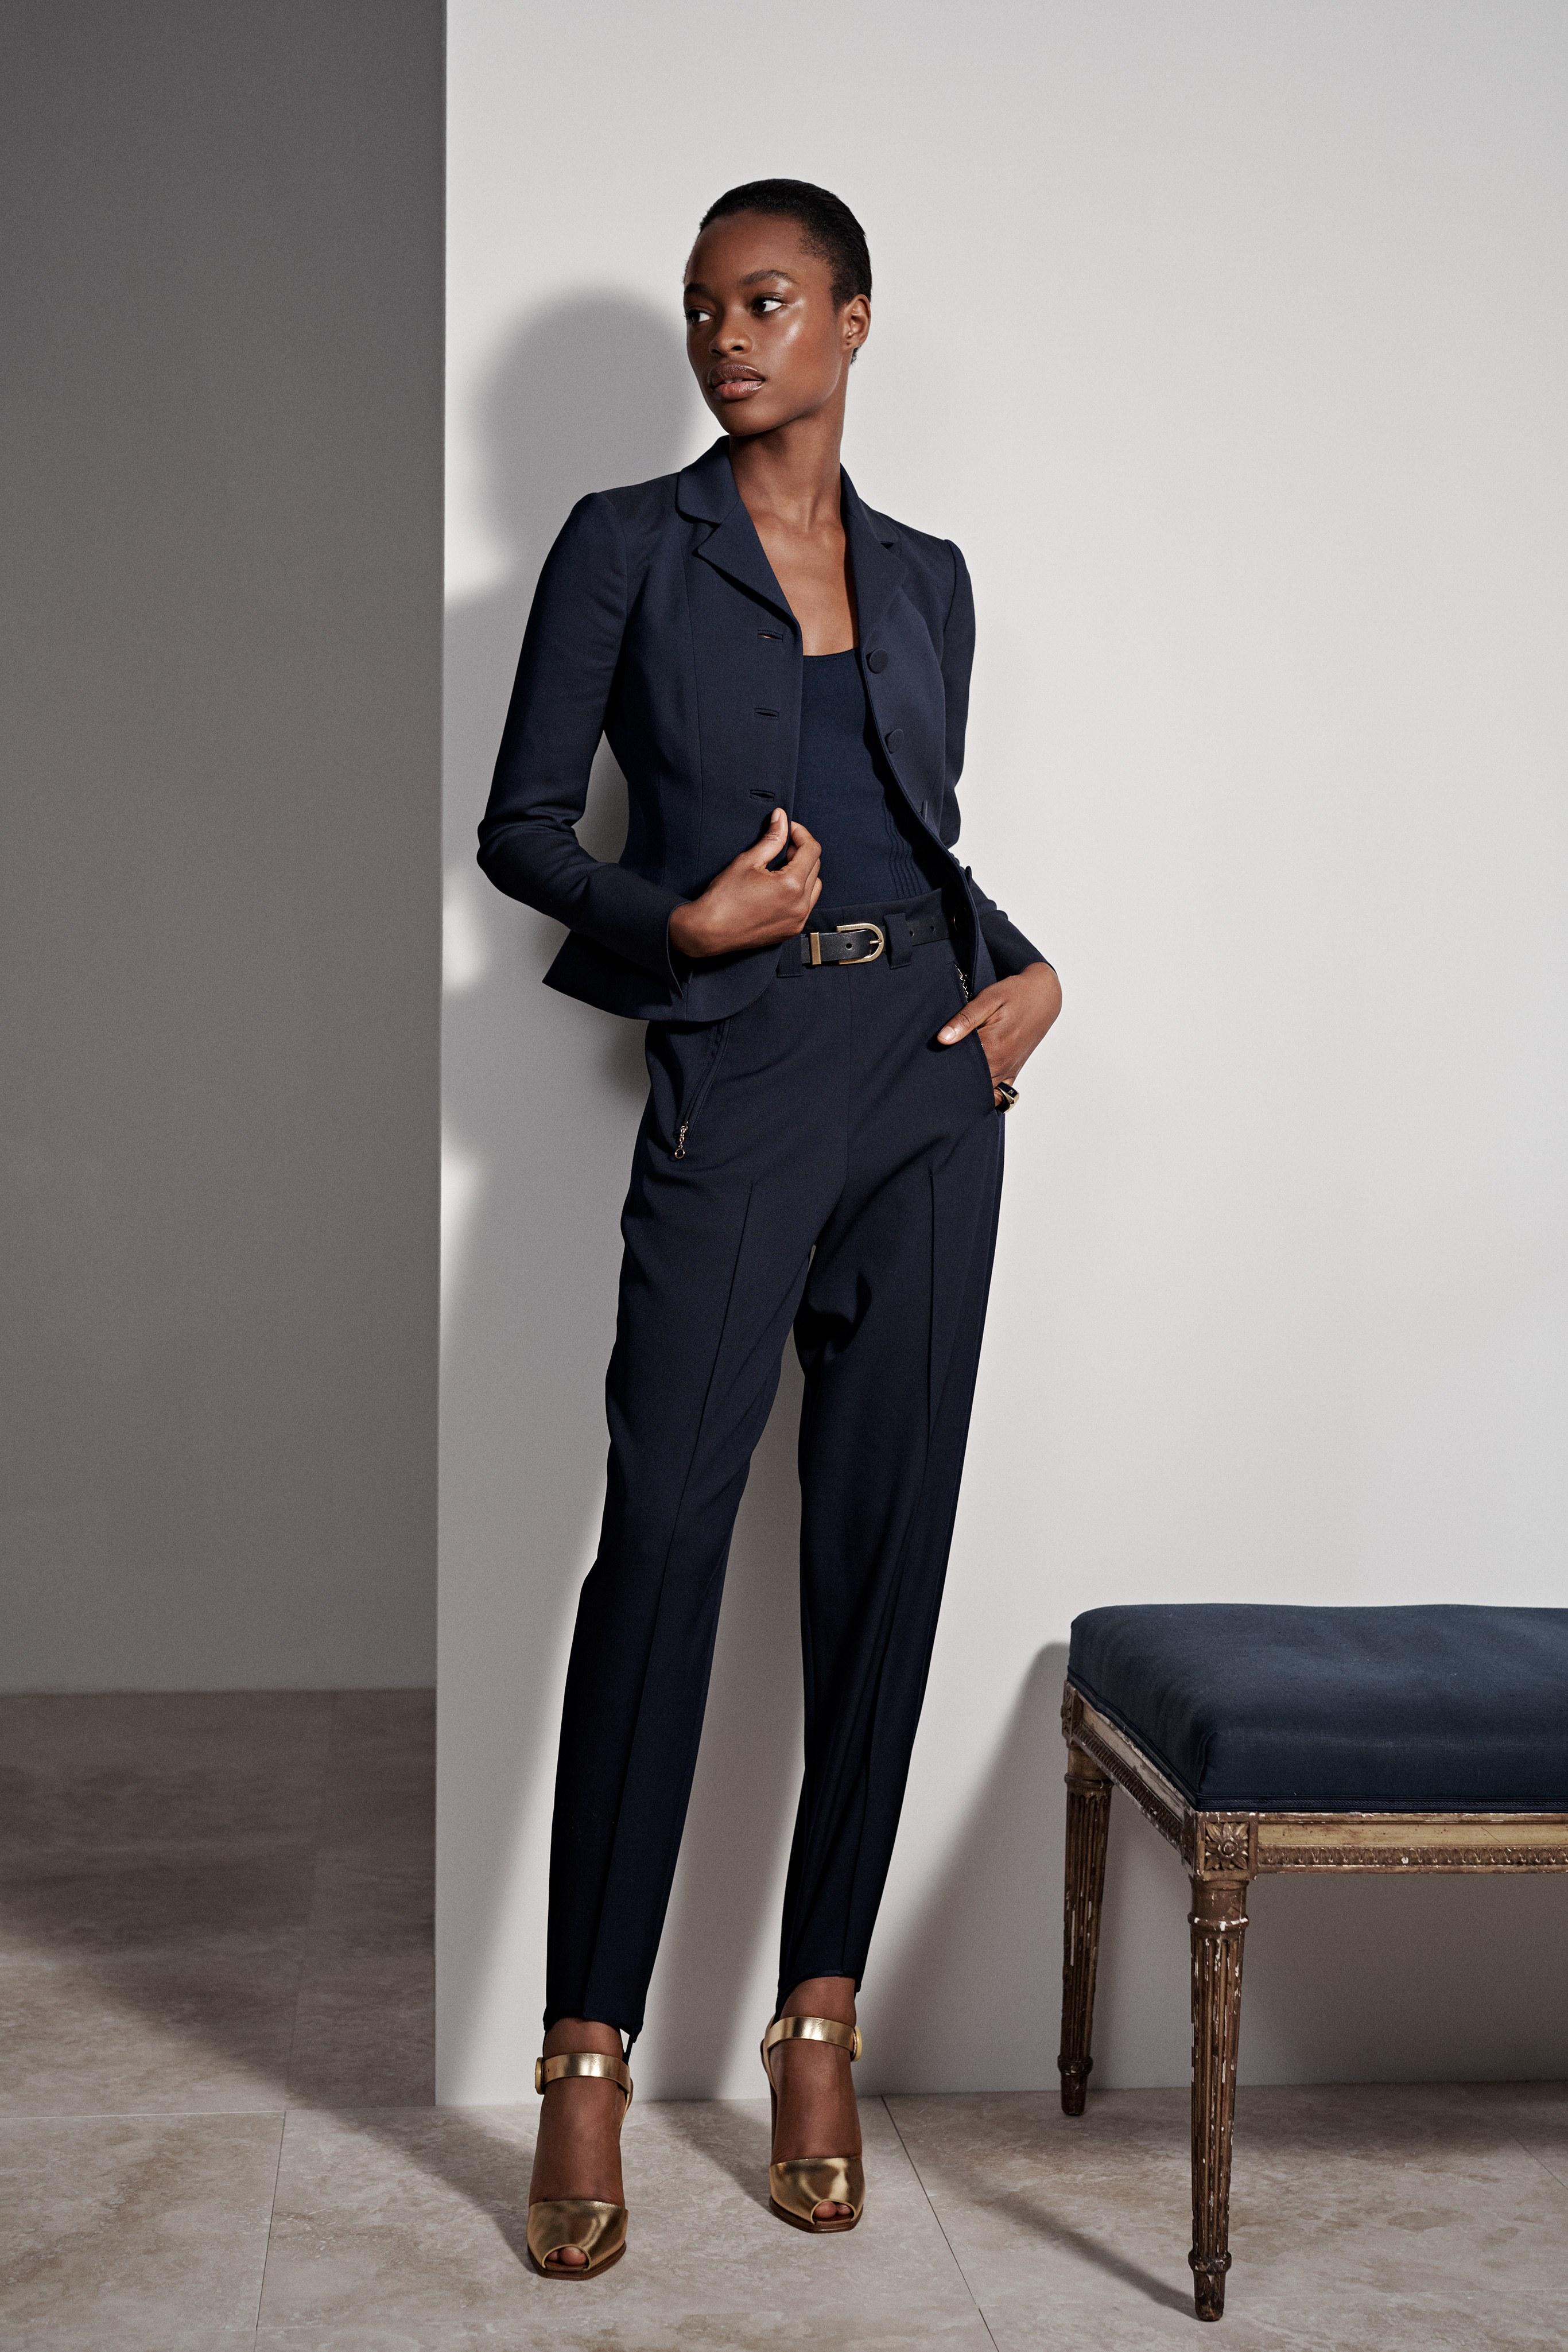 00006-Ralph-Lauren-Vogue-Resort-2019-pr